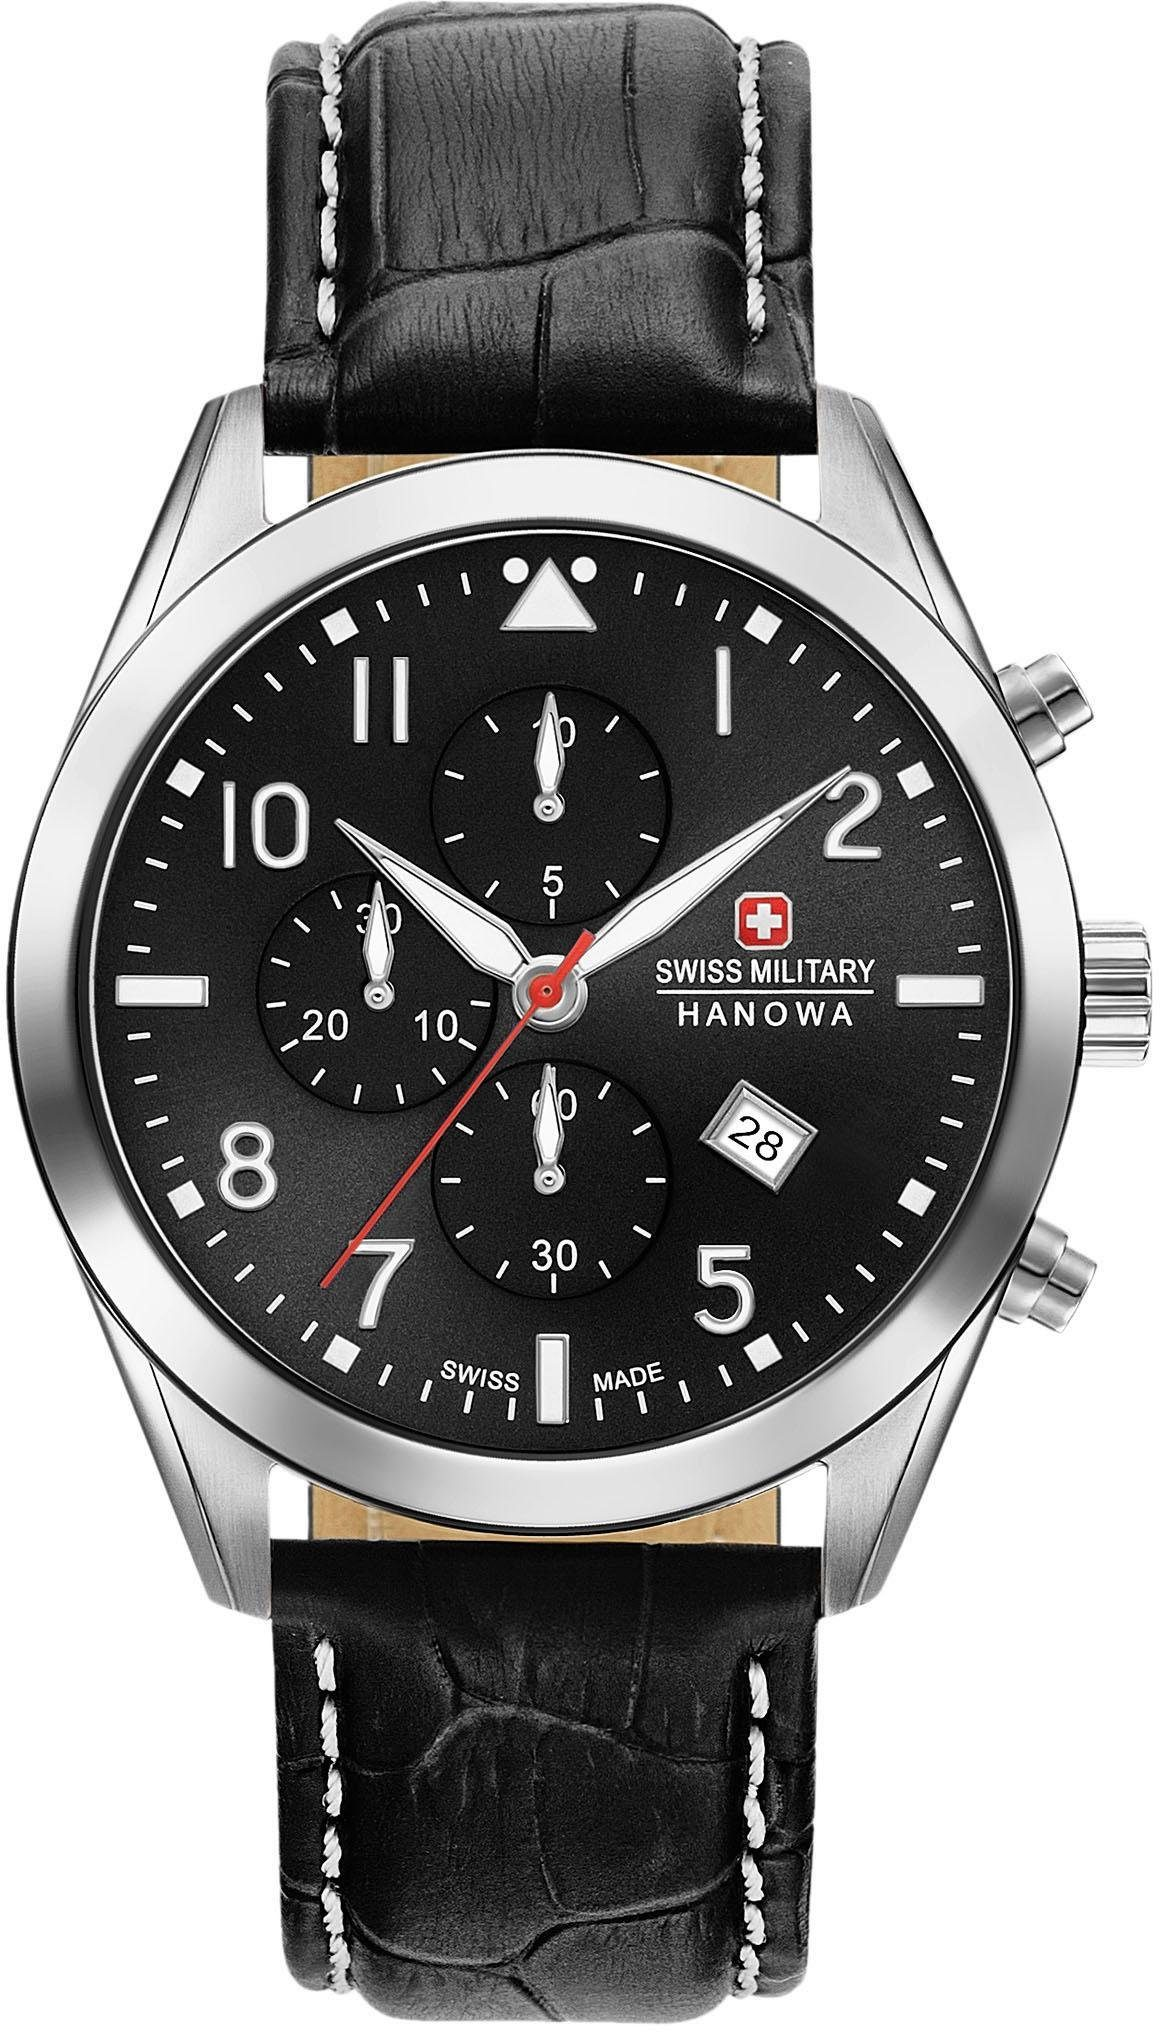 Swiss Military Hanowa Chronograph »HELVETUS CHRONO, 06-4316.04.007« mit kleiner Sekunde